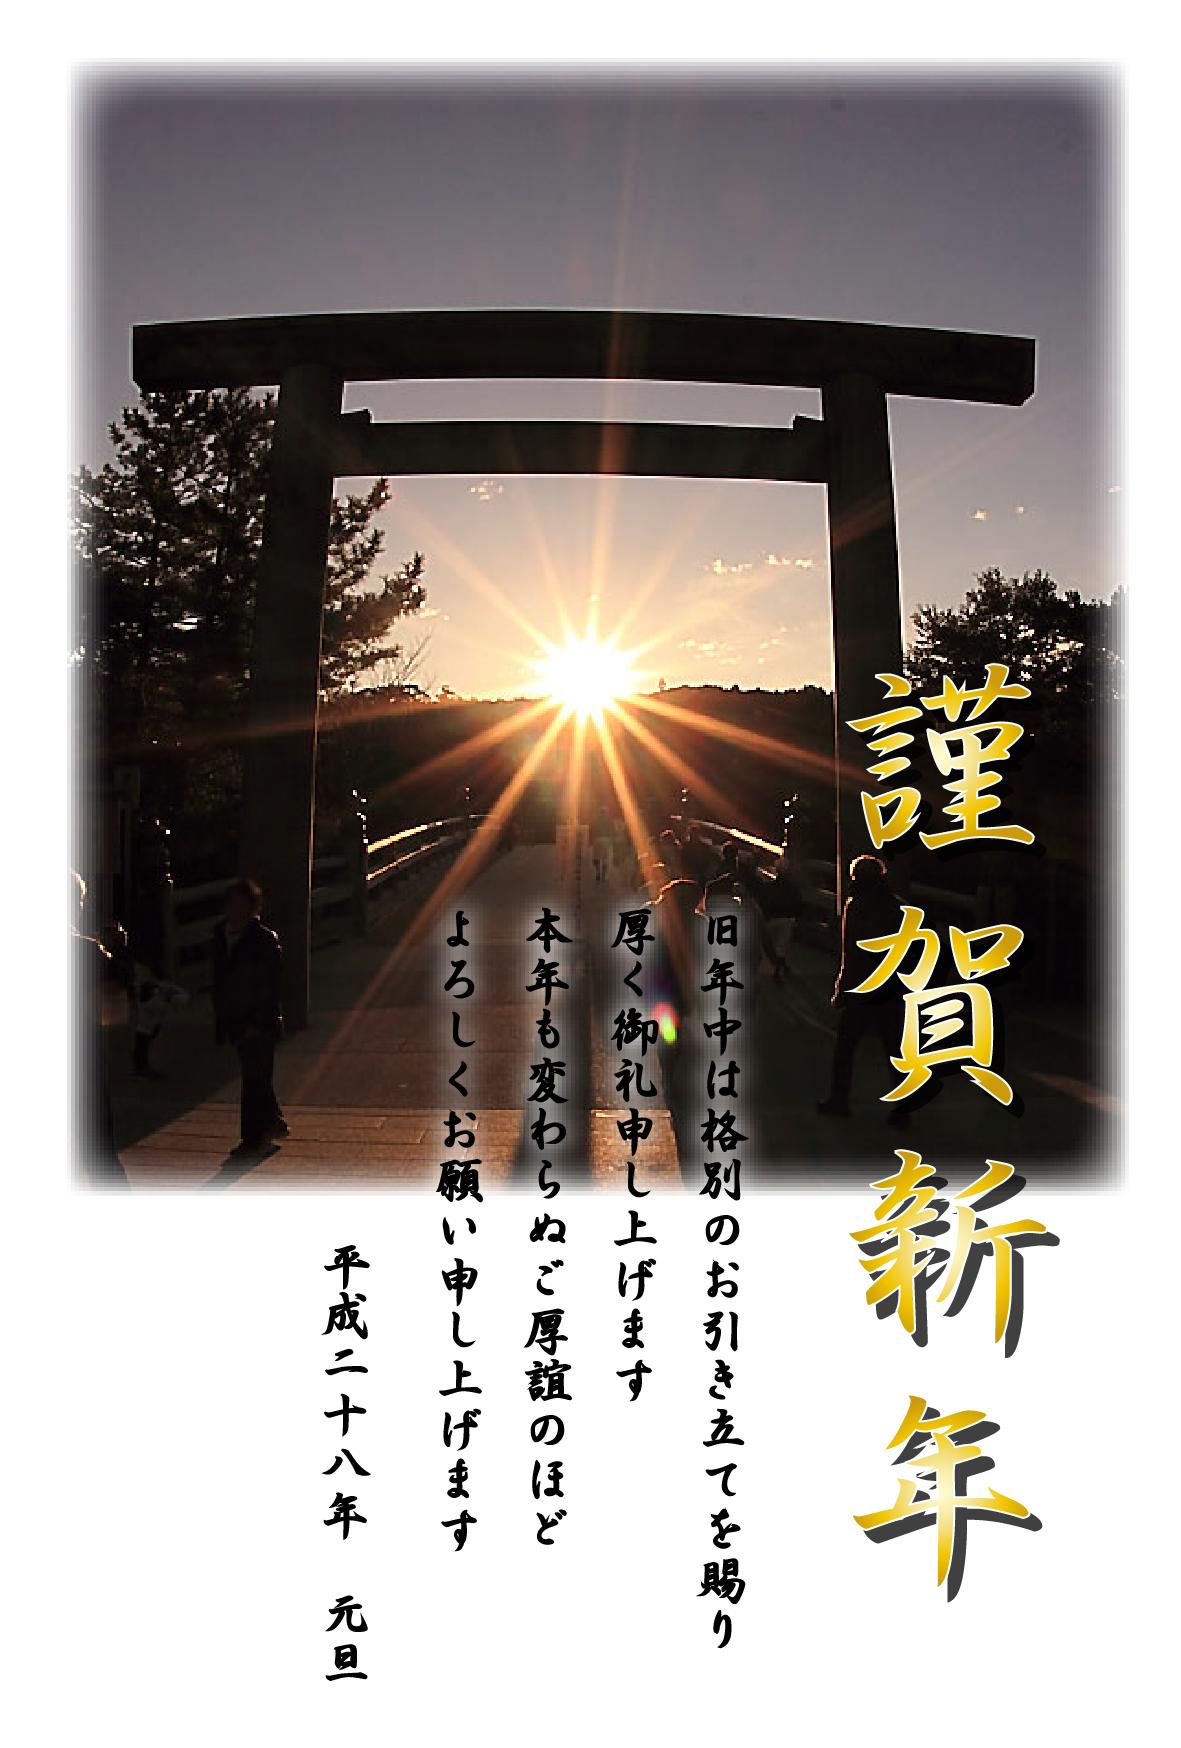 伊勢神宮宇治橋鳥居からの日の出